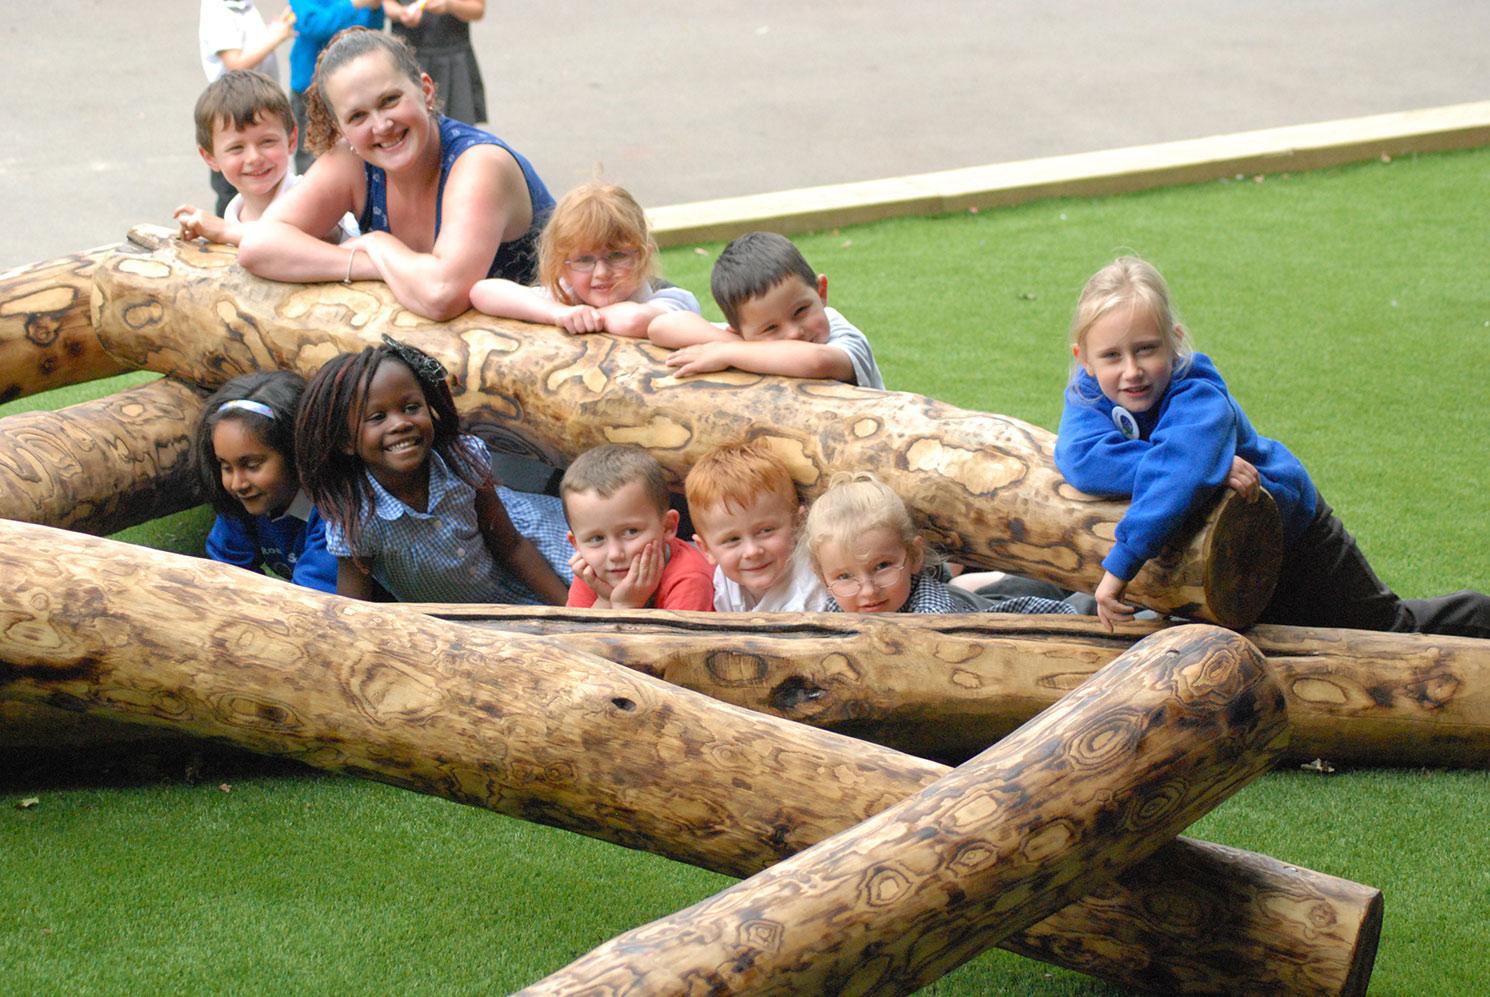 View of children having fun